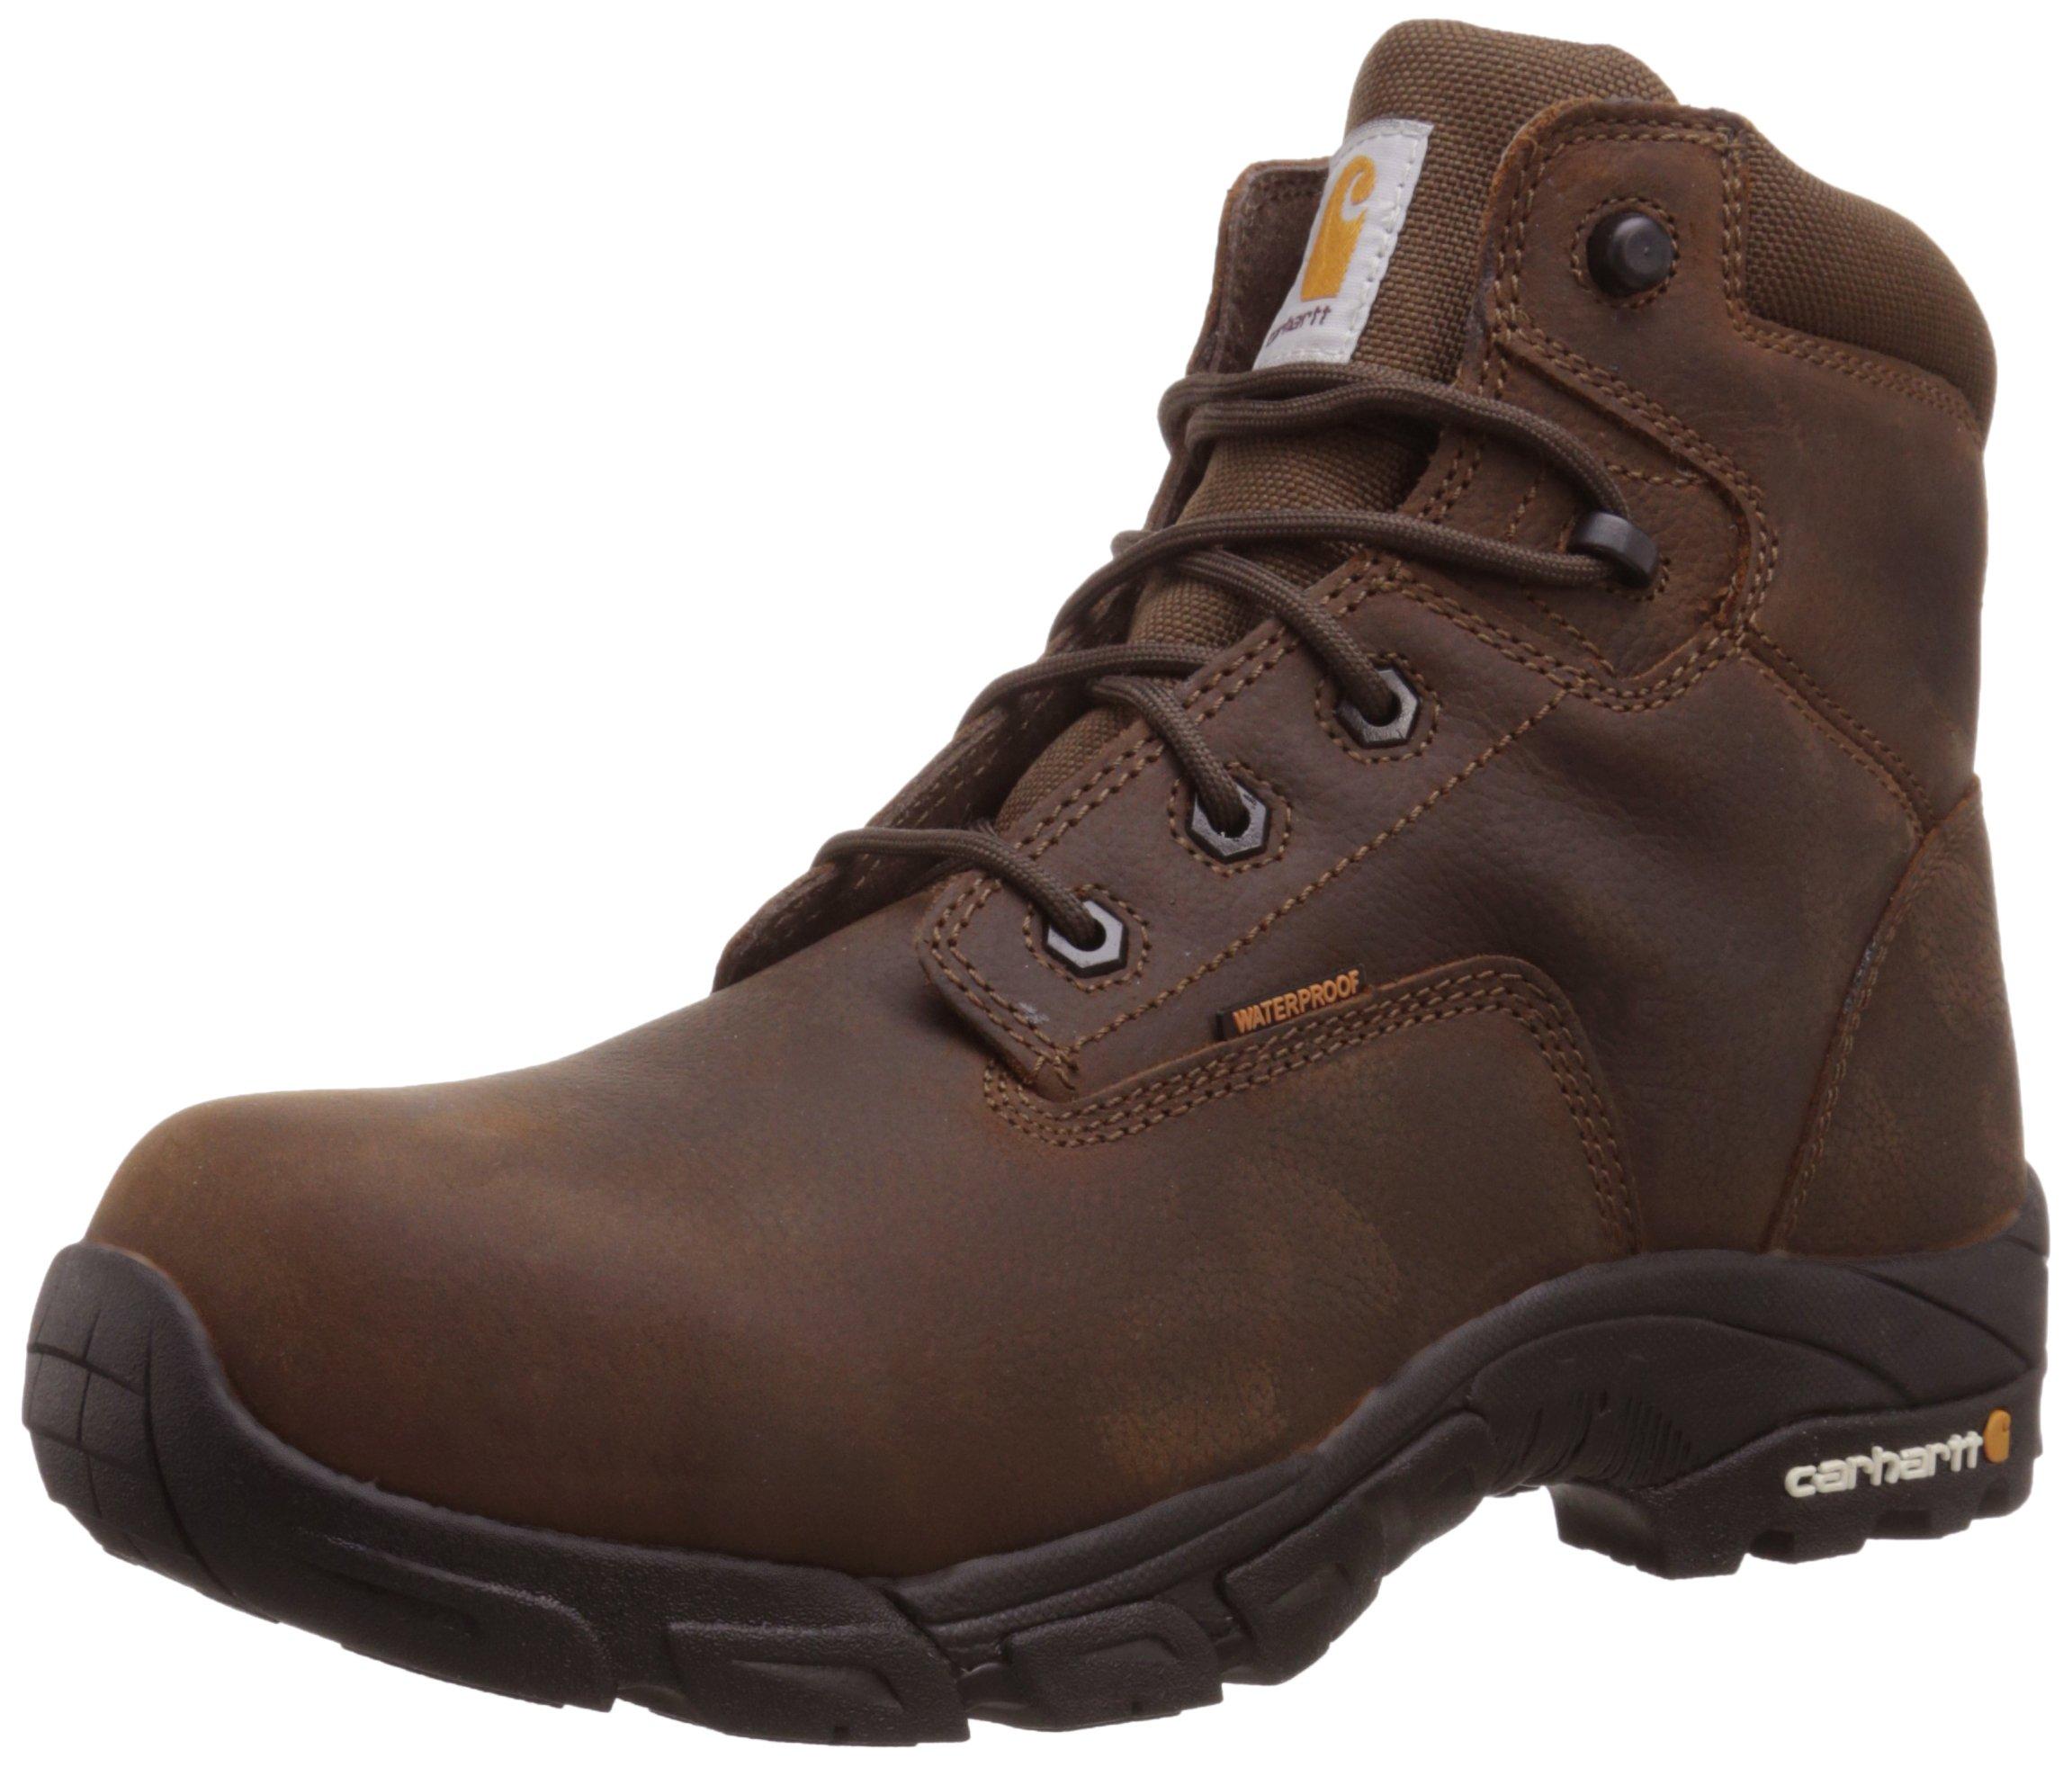 Carhartt Men's 6-Inch Waterproof Composite-Toe Work Hiker Boot